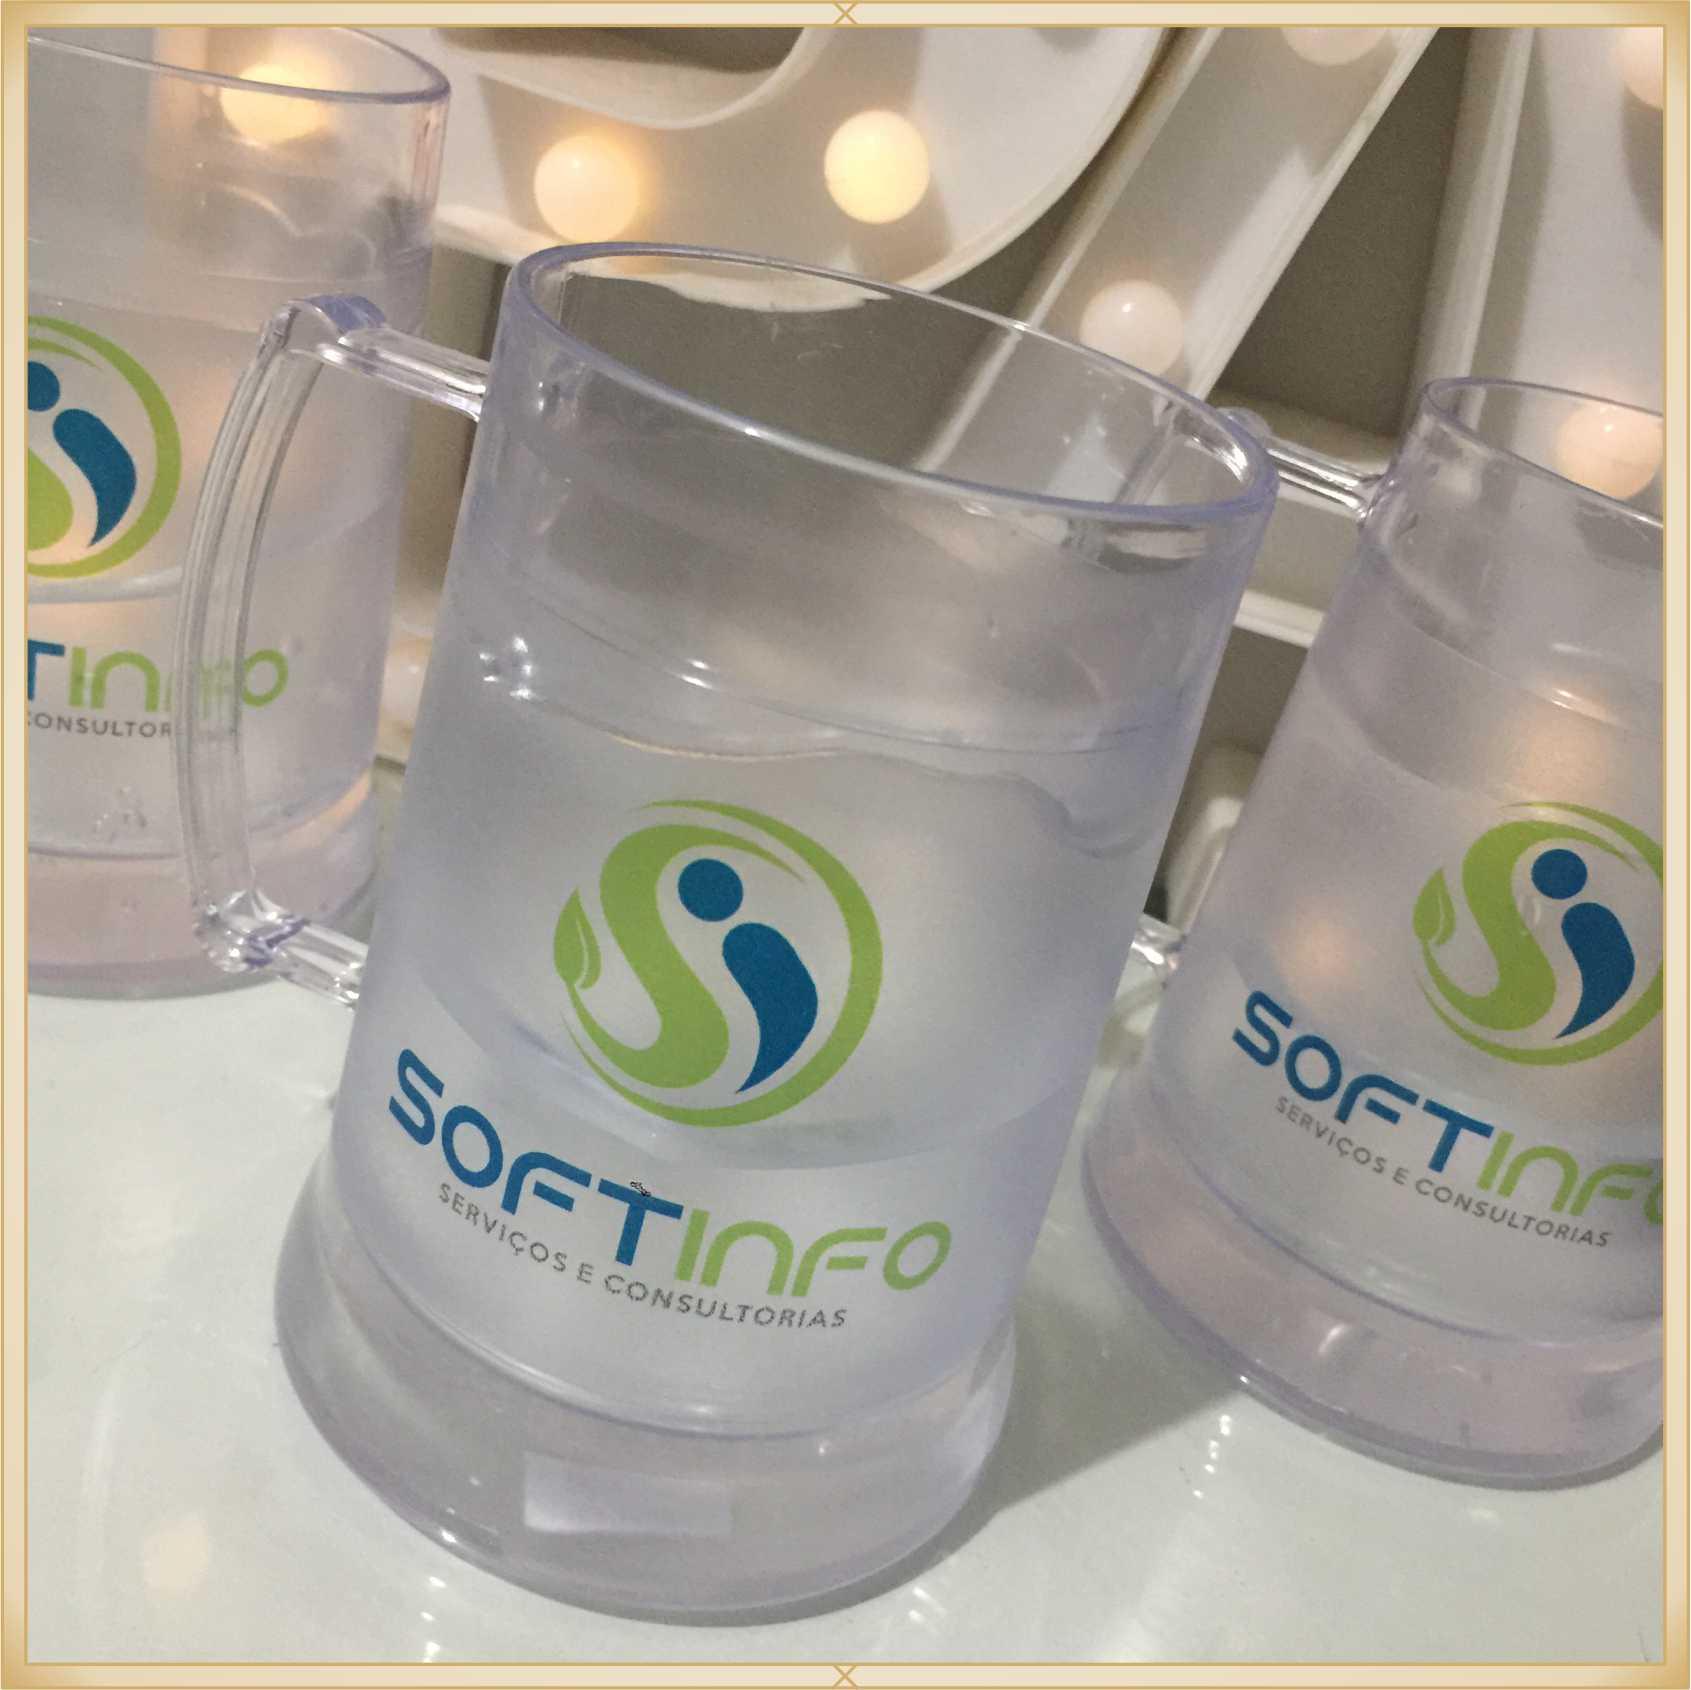 Canecas de gel personalizadas empresa - acrílico qualidade, ótimo acabamento, sistema de congelamento, parede dupla, 340 ml. - kit 20 unidades